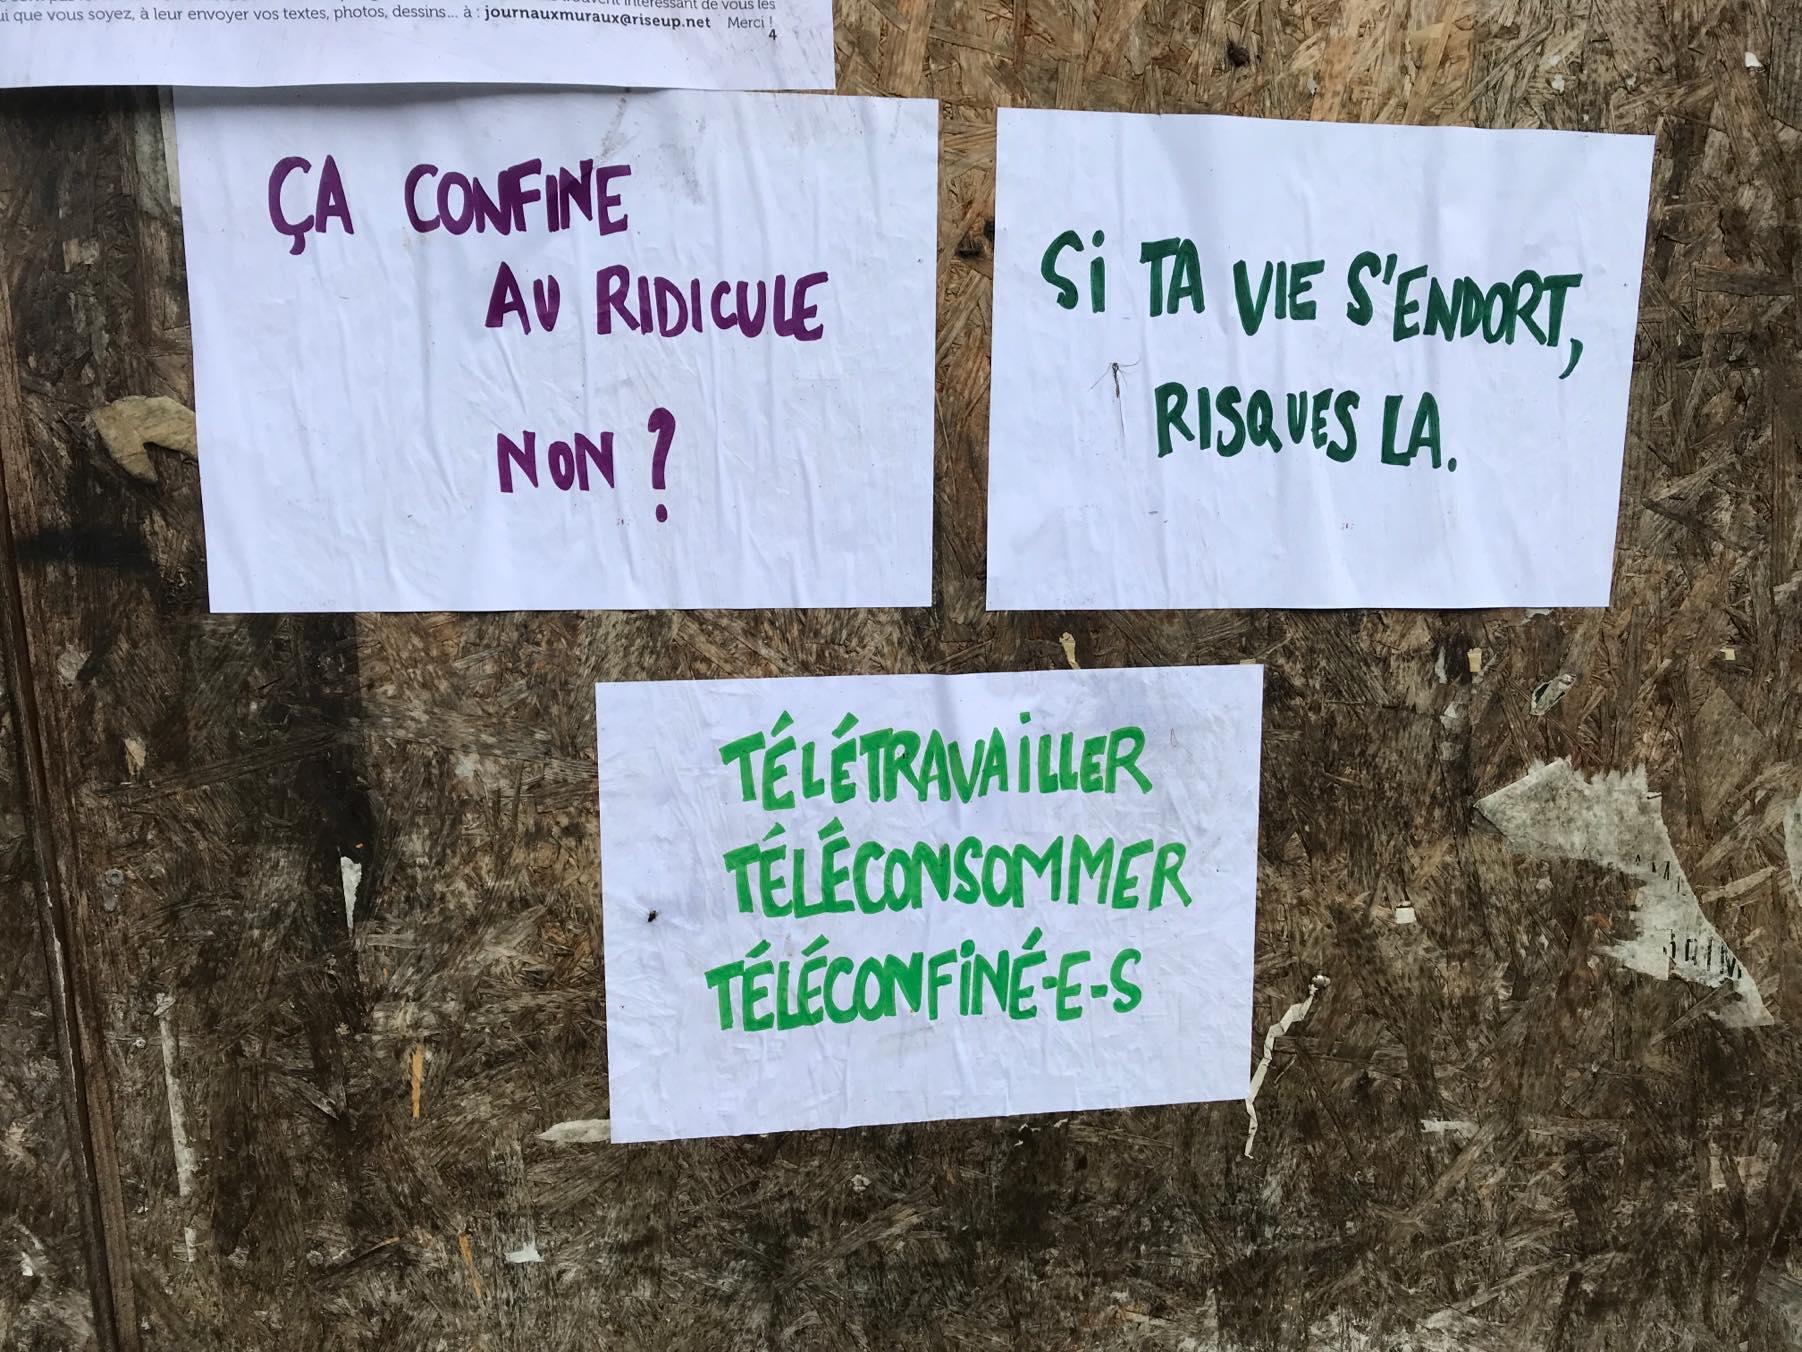 200506 - Sur les murs de Faux-la-Montagne le 1er mai 02 - La Déviation